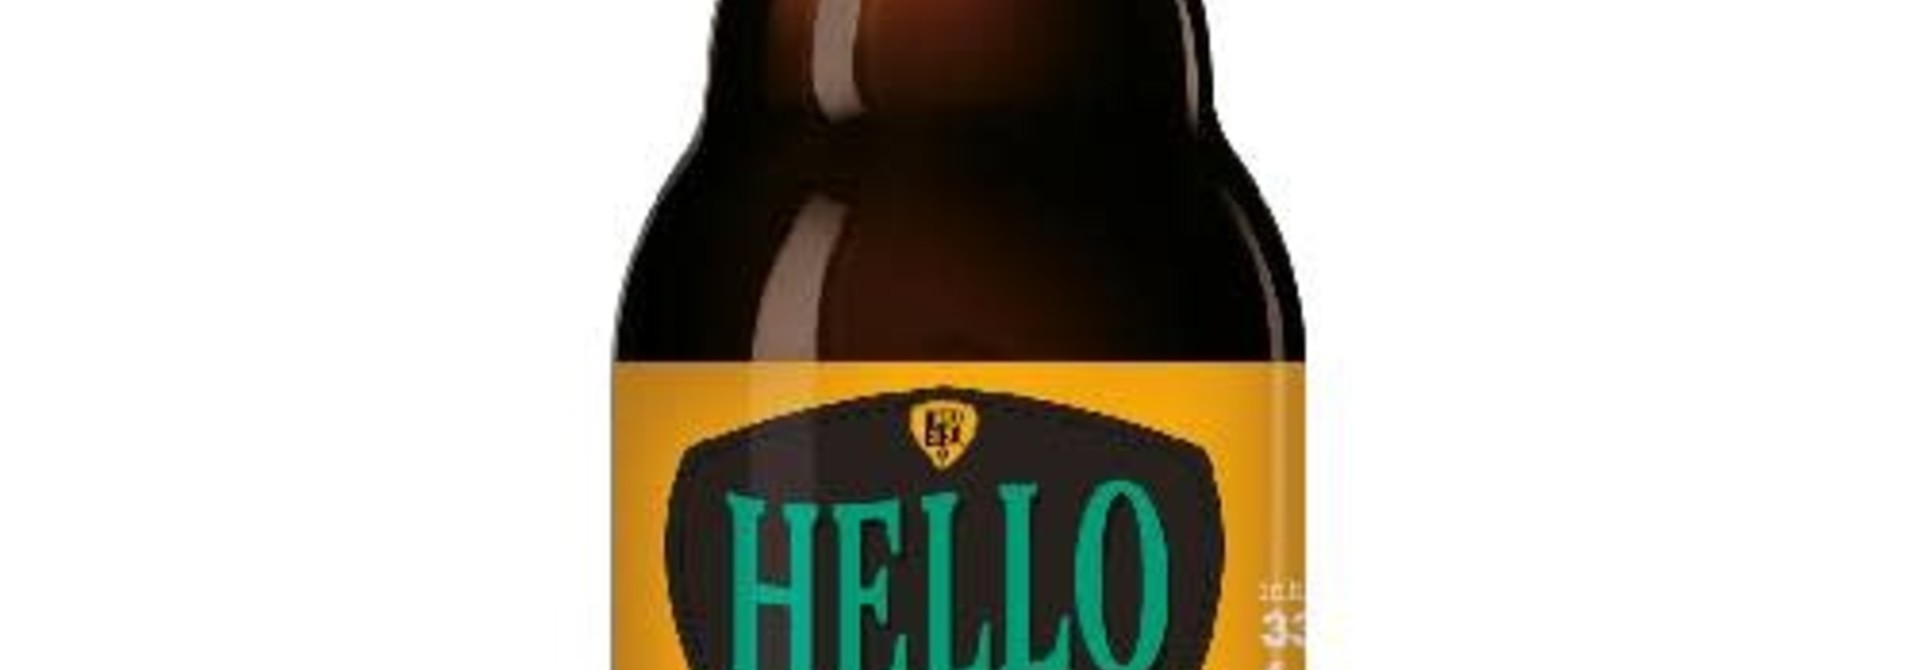 HELLO HOPPA 33CL